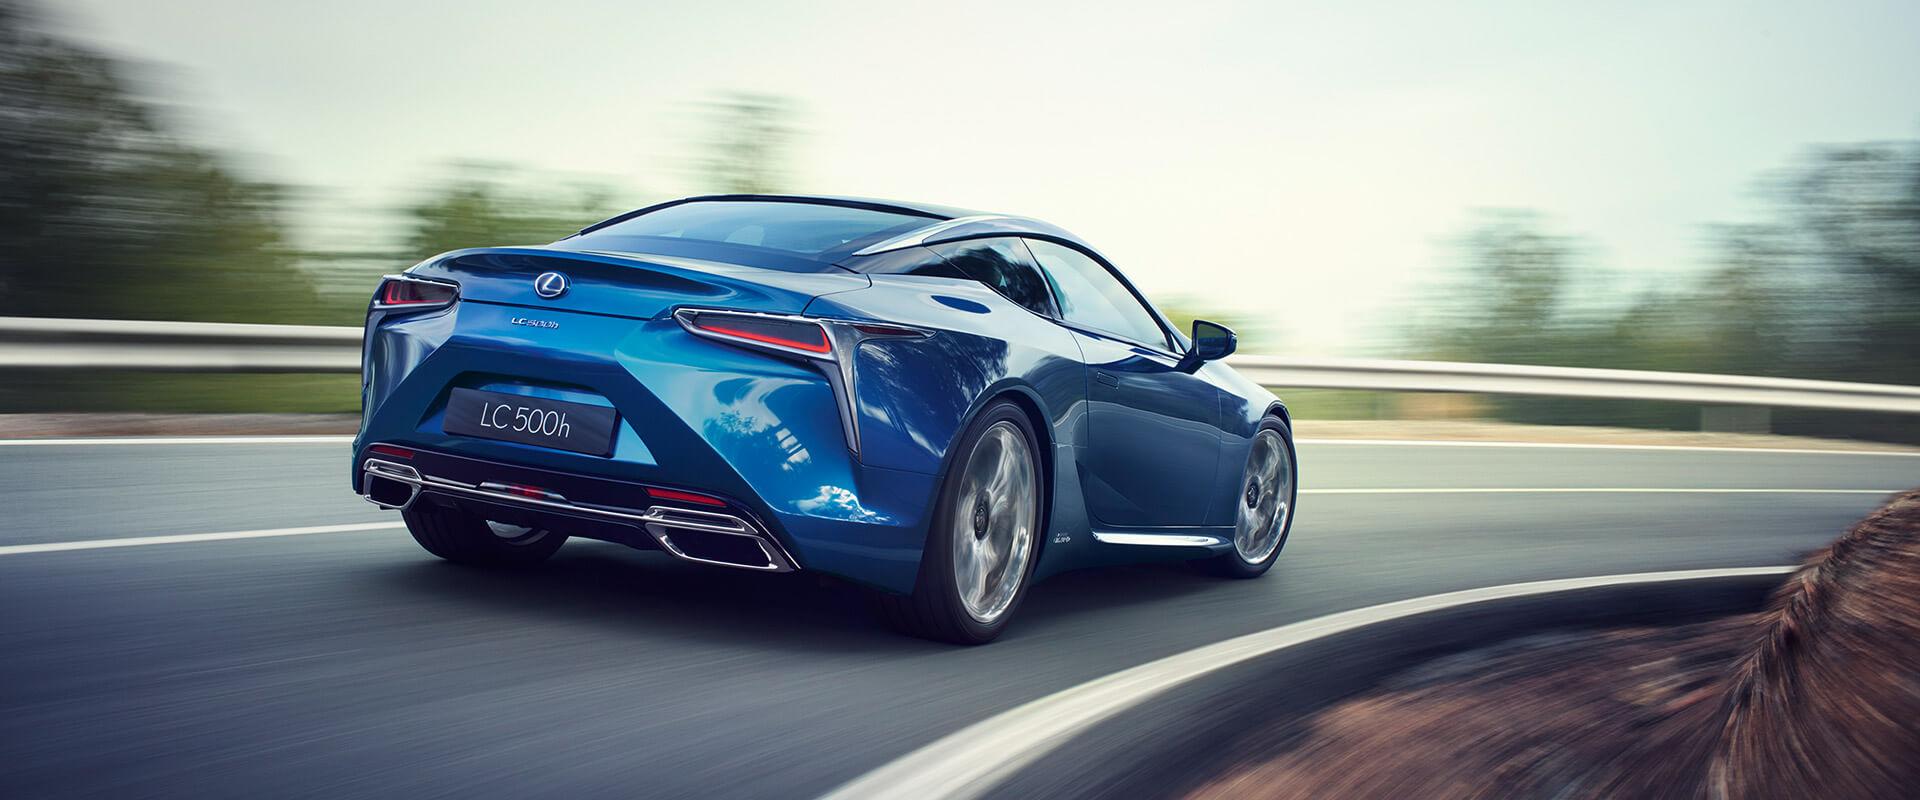 xe hoi dep - Lexus LC - elle man 3